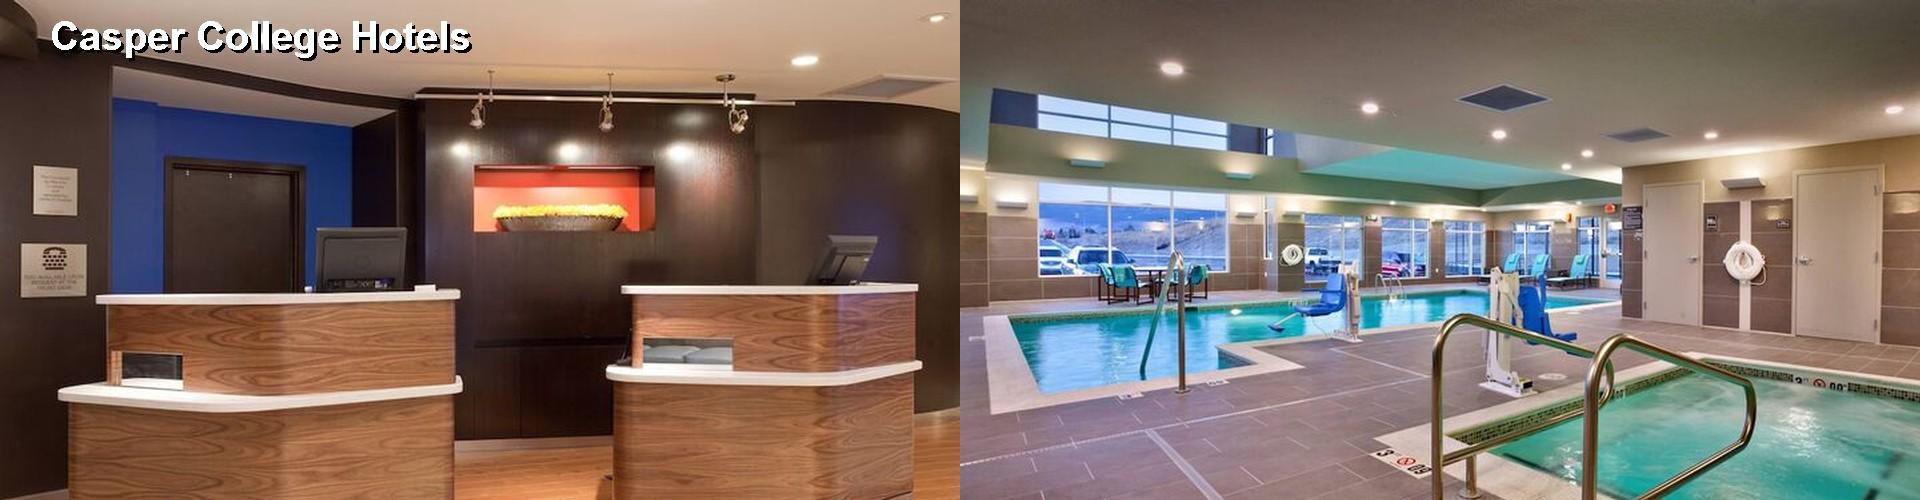 5 Best Hotels Near Casper College